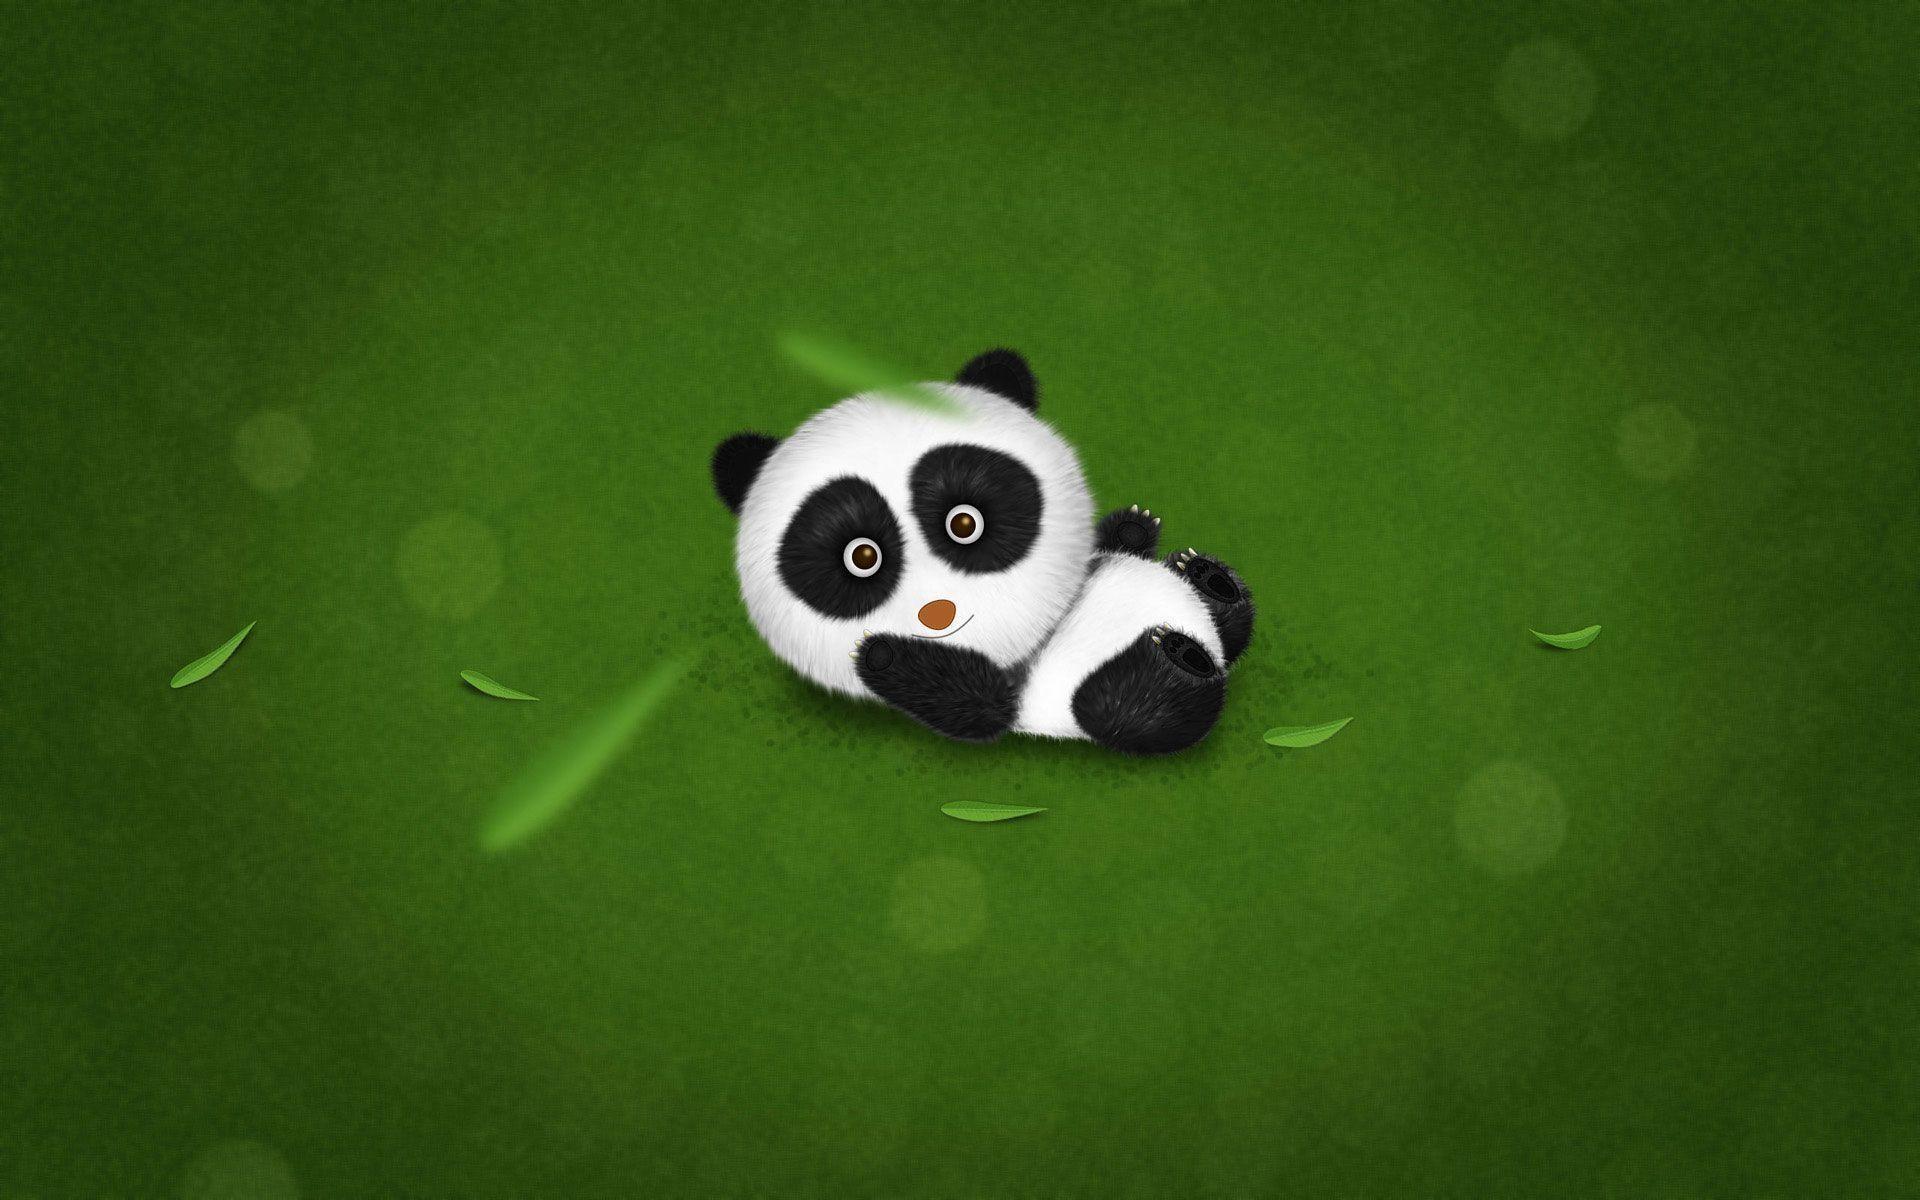 Cute Panda Bear Cartoon wallpaper – 1264283